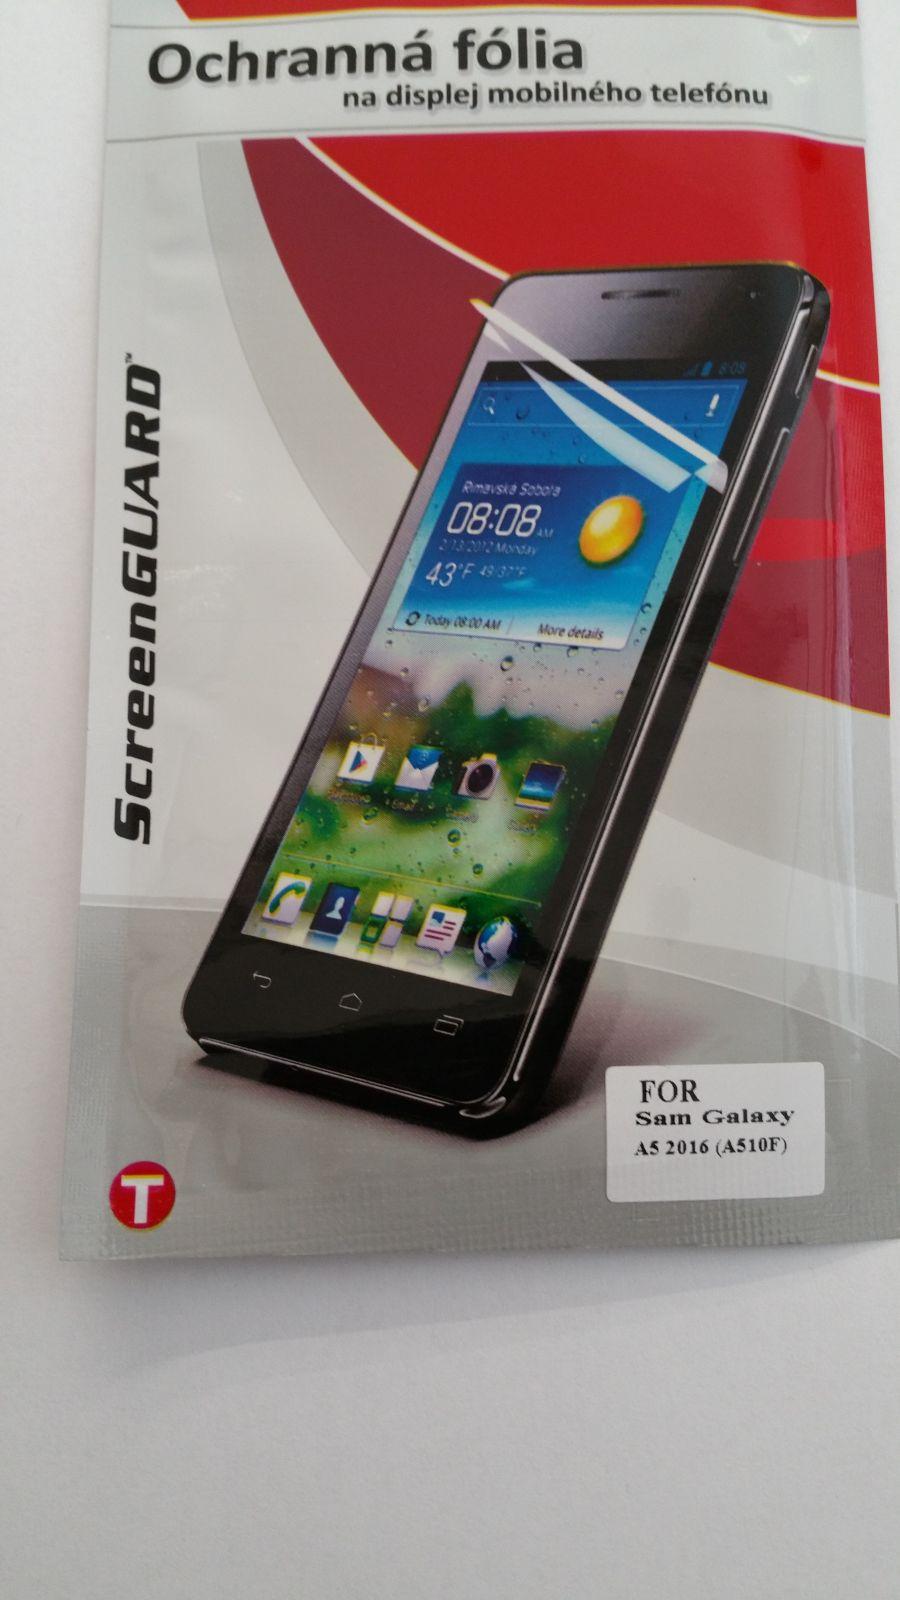 Ochranná folie Mobilnet Samsung Galaxy A5 (2016)